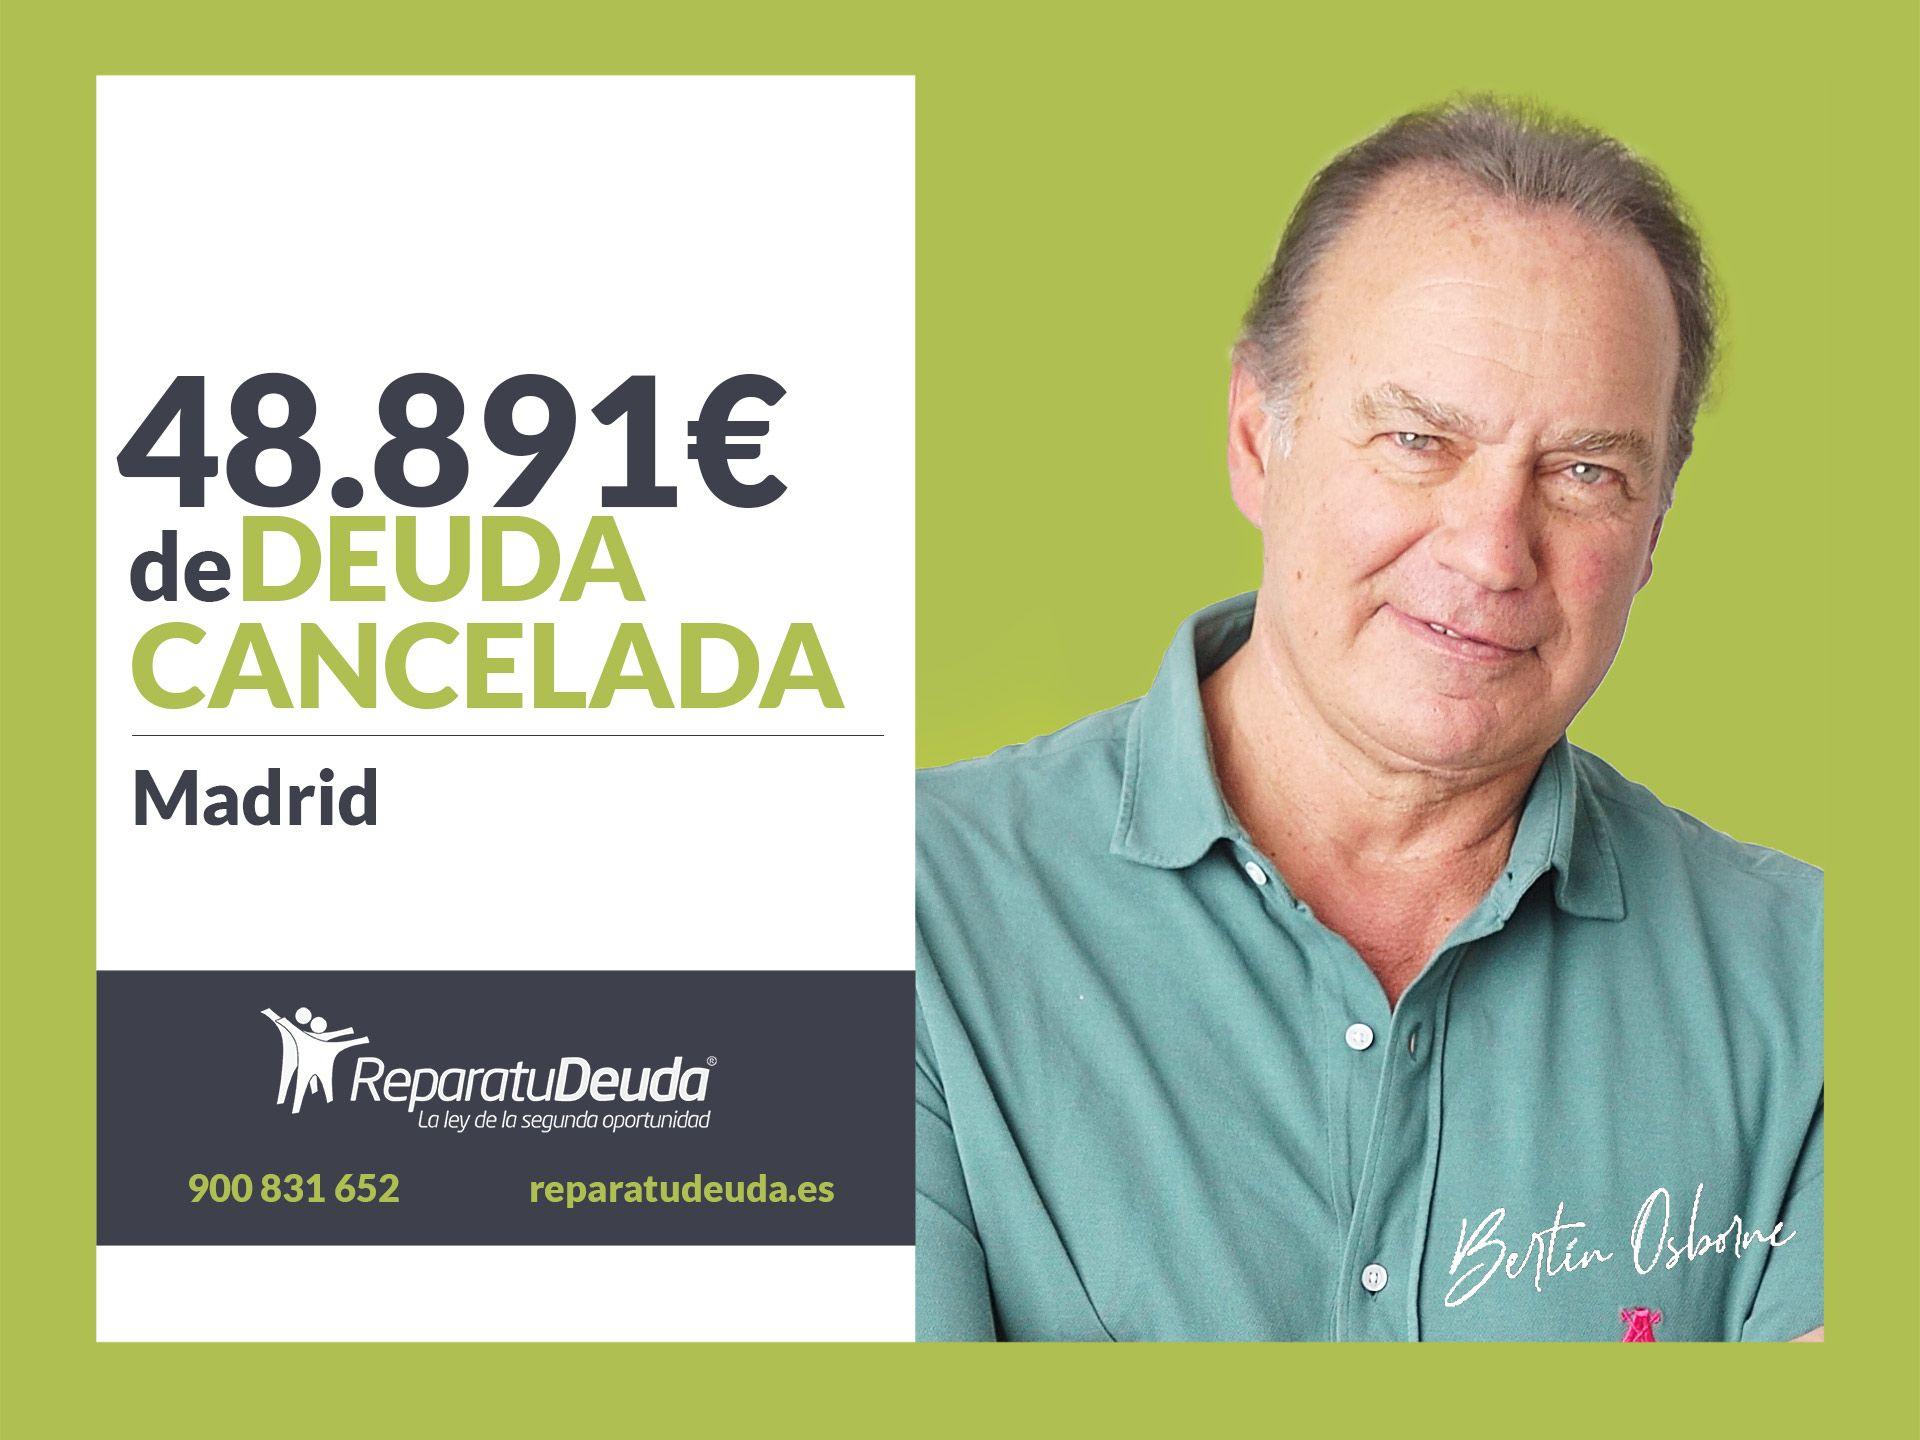 Repara tu Deuda Abogados cancela 48.891? en Madrid con la Ley de la Segunda Oportunidad